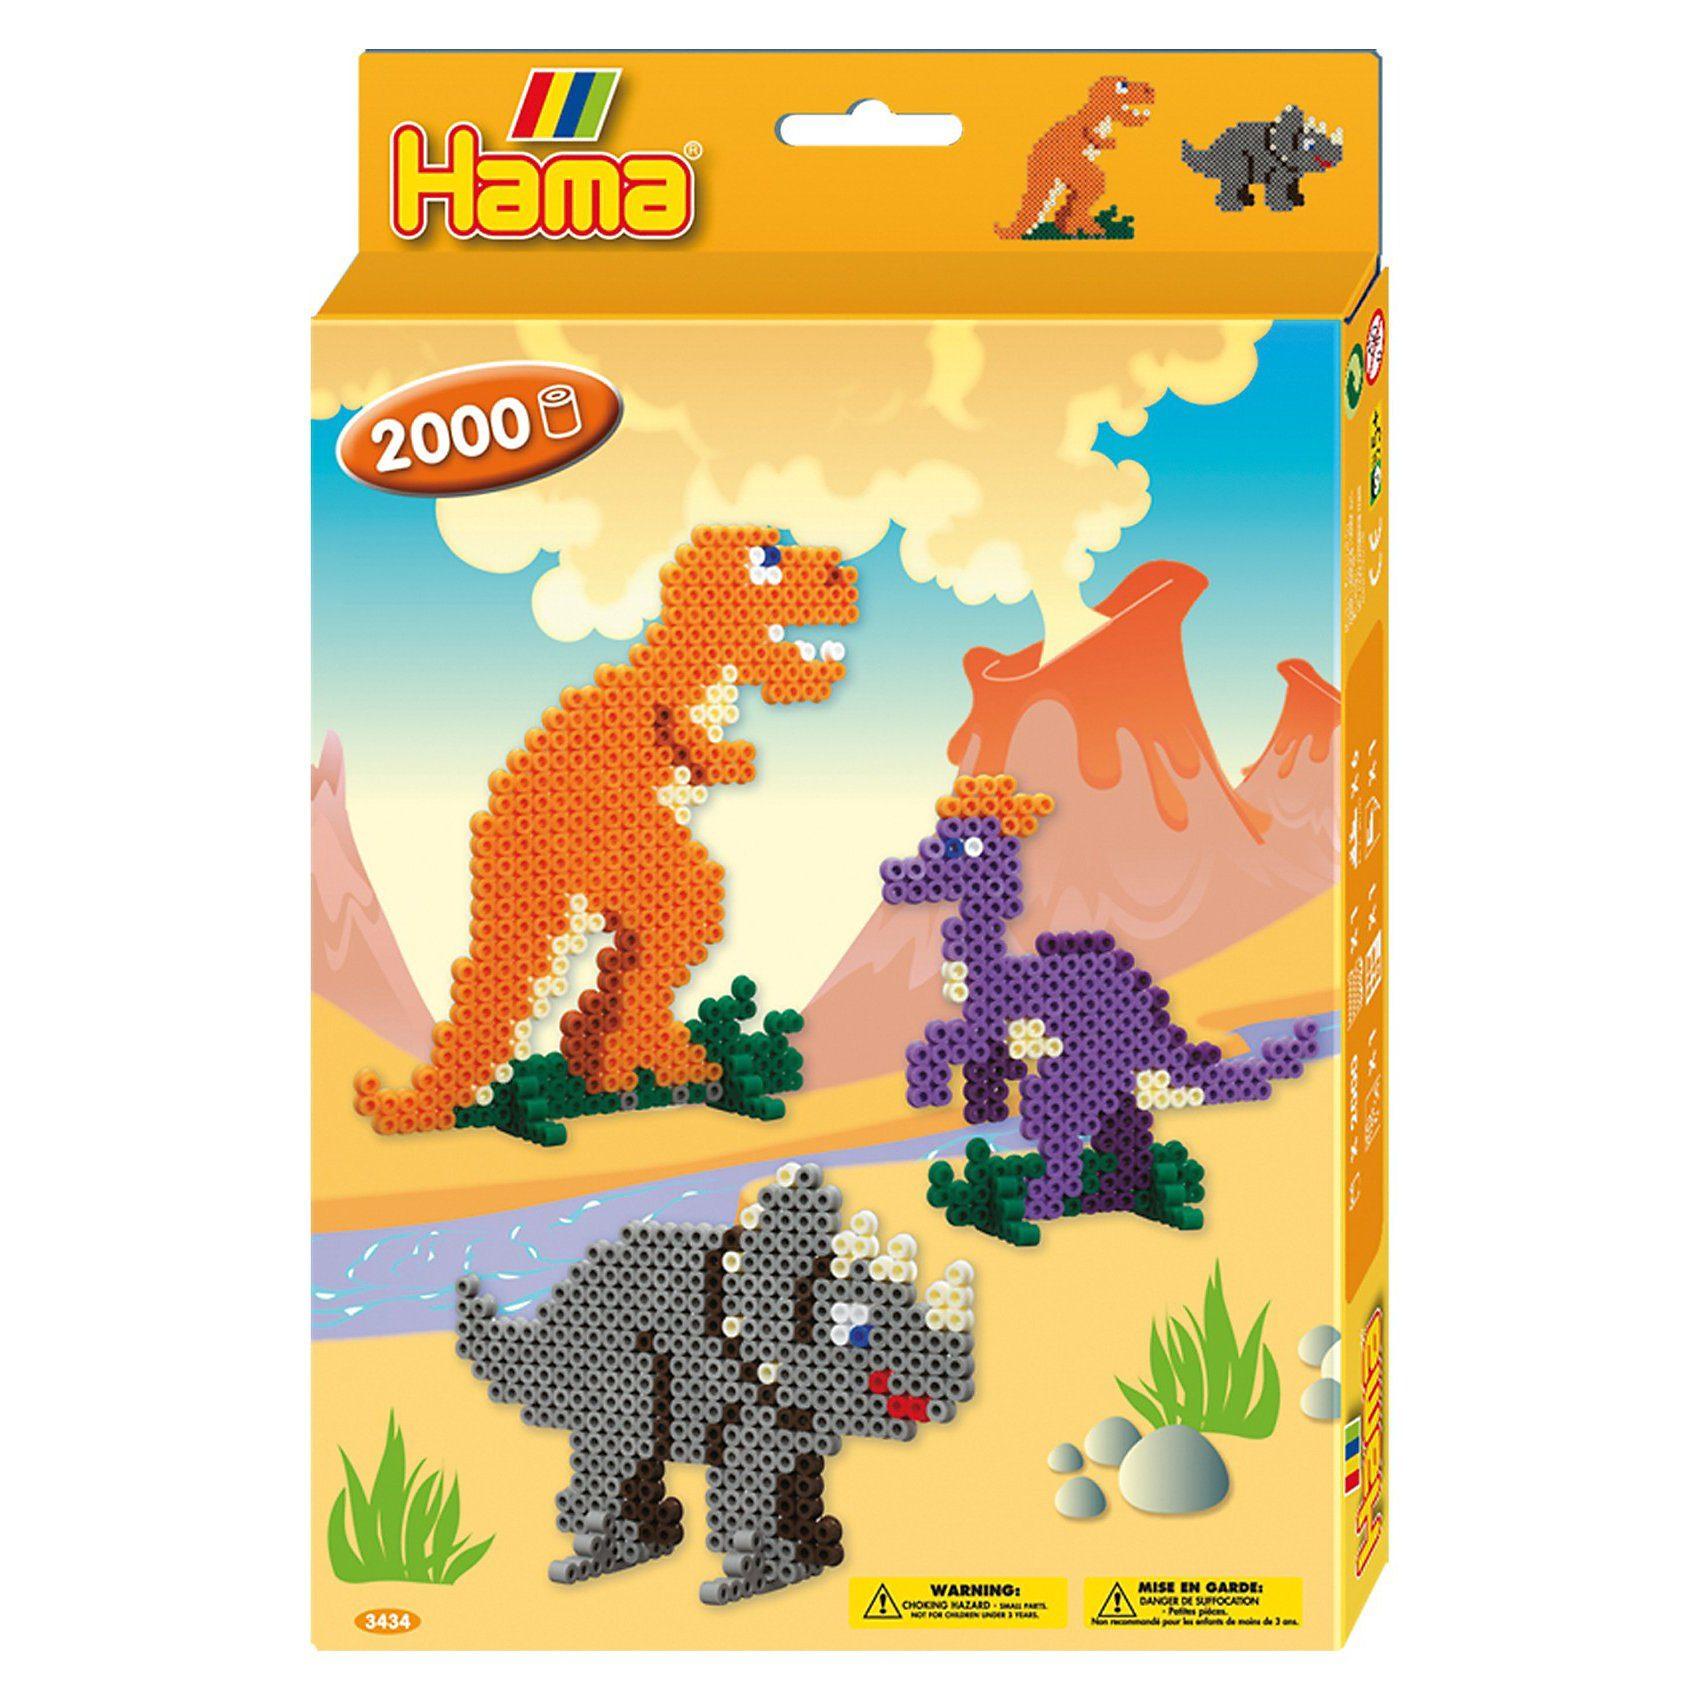 Hama Perlen HAMA 3434 Geschenkset Dino-Welt, 2.000 midi-Perlen & Zubehör